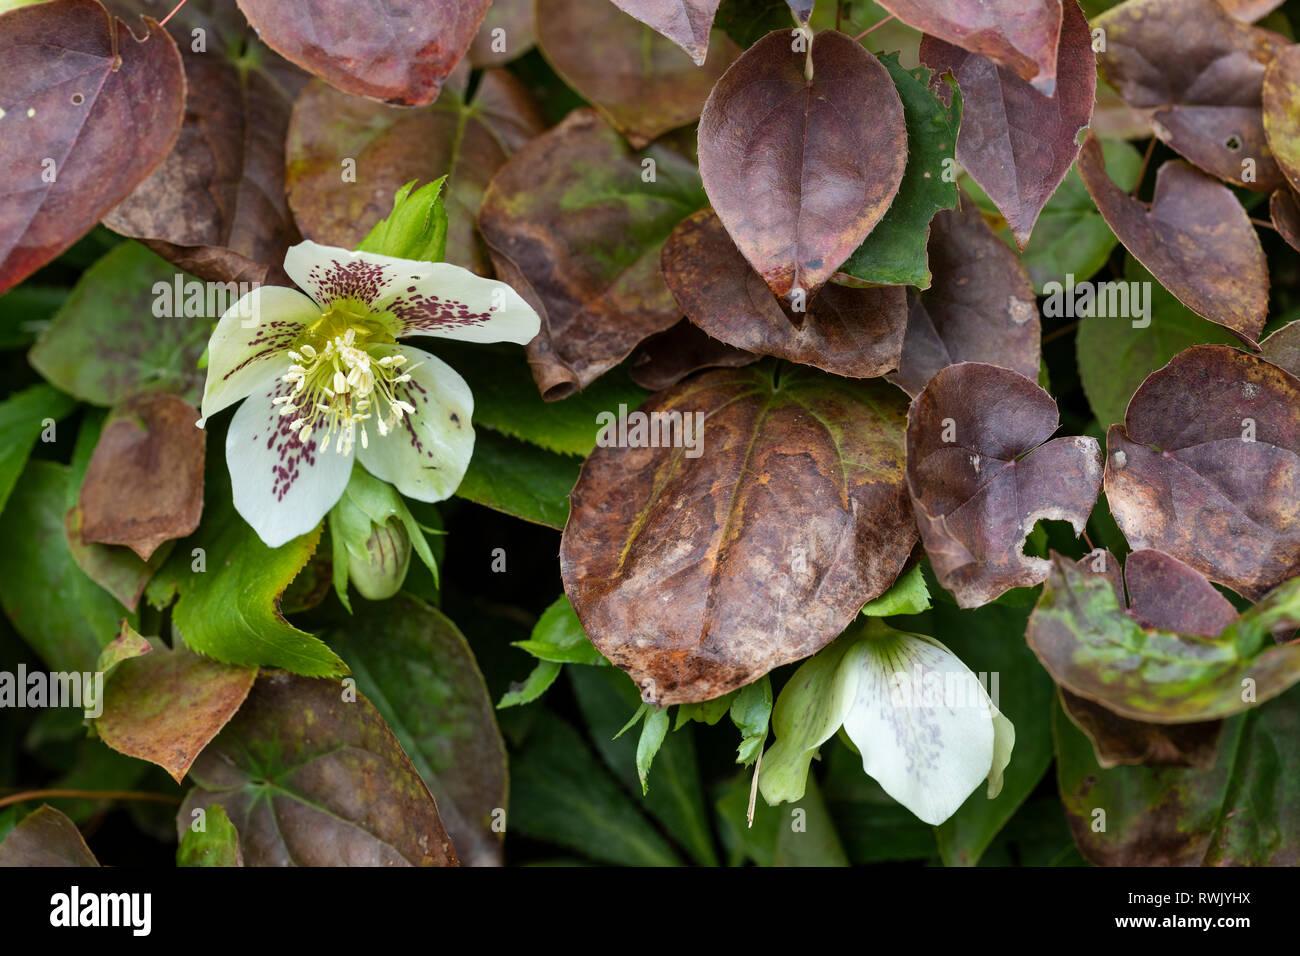 Cierre de un moteado blanco Helleborus peeping mediante hojas marrones en un jardín inglés Foto de stock